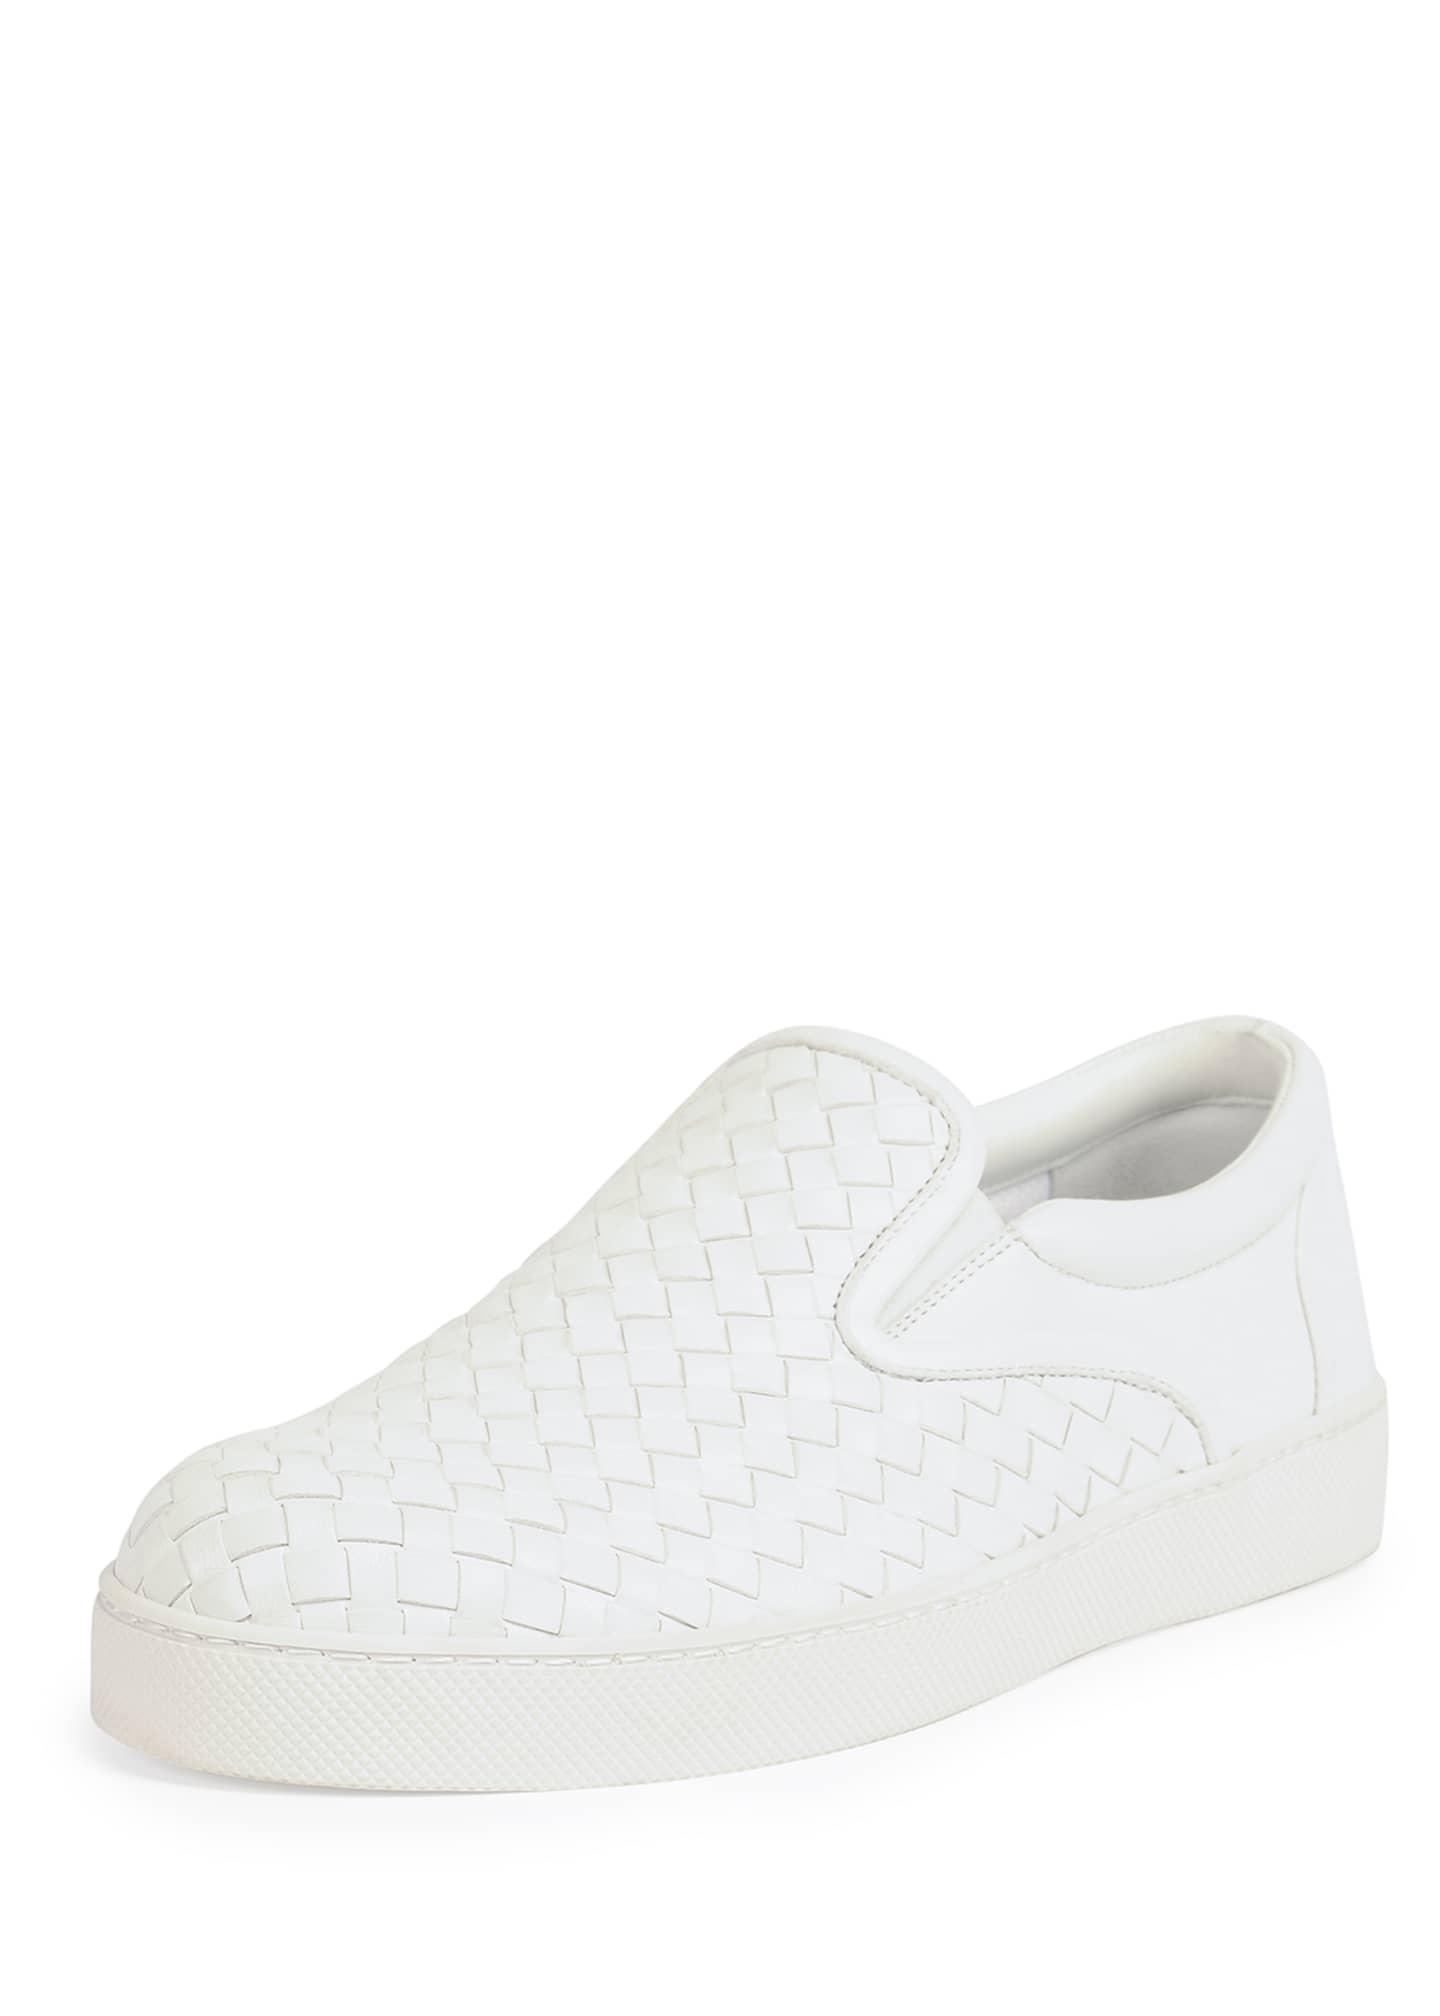 Bottega Veneta Woven Leather Slip-On Sneaker